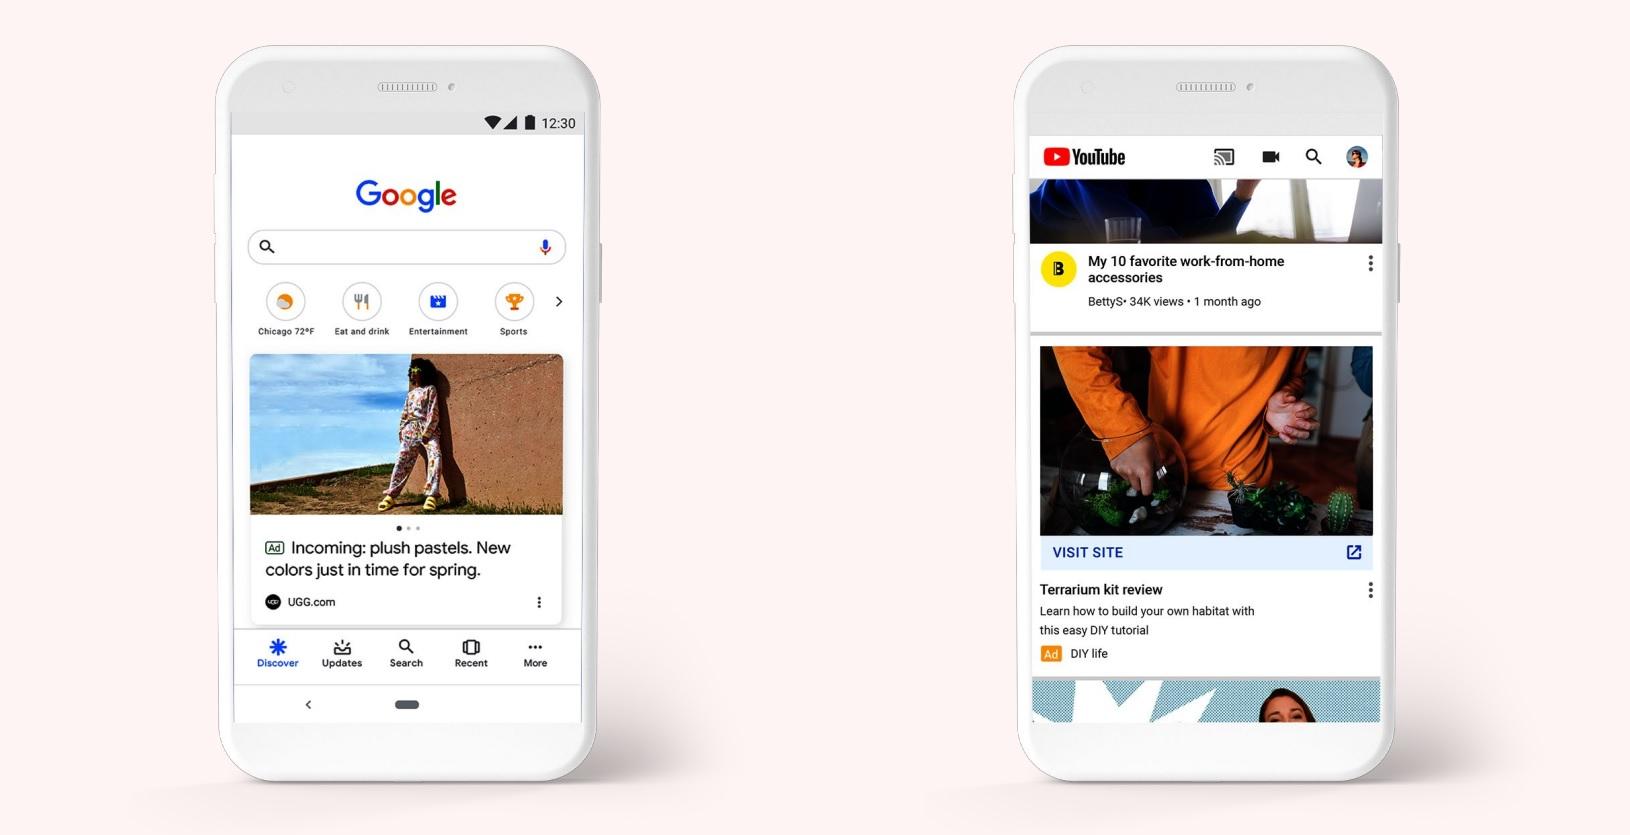 Kerstmis omzet verhogen met Google tips